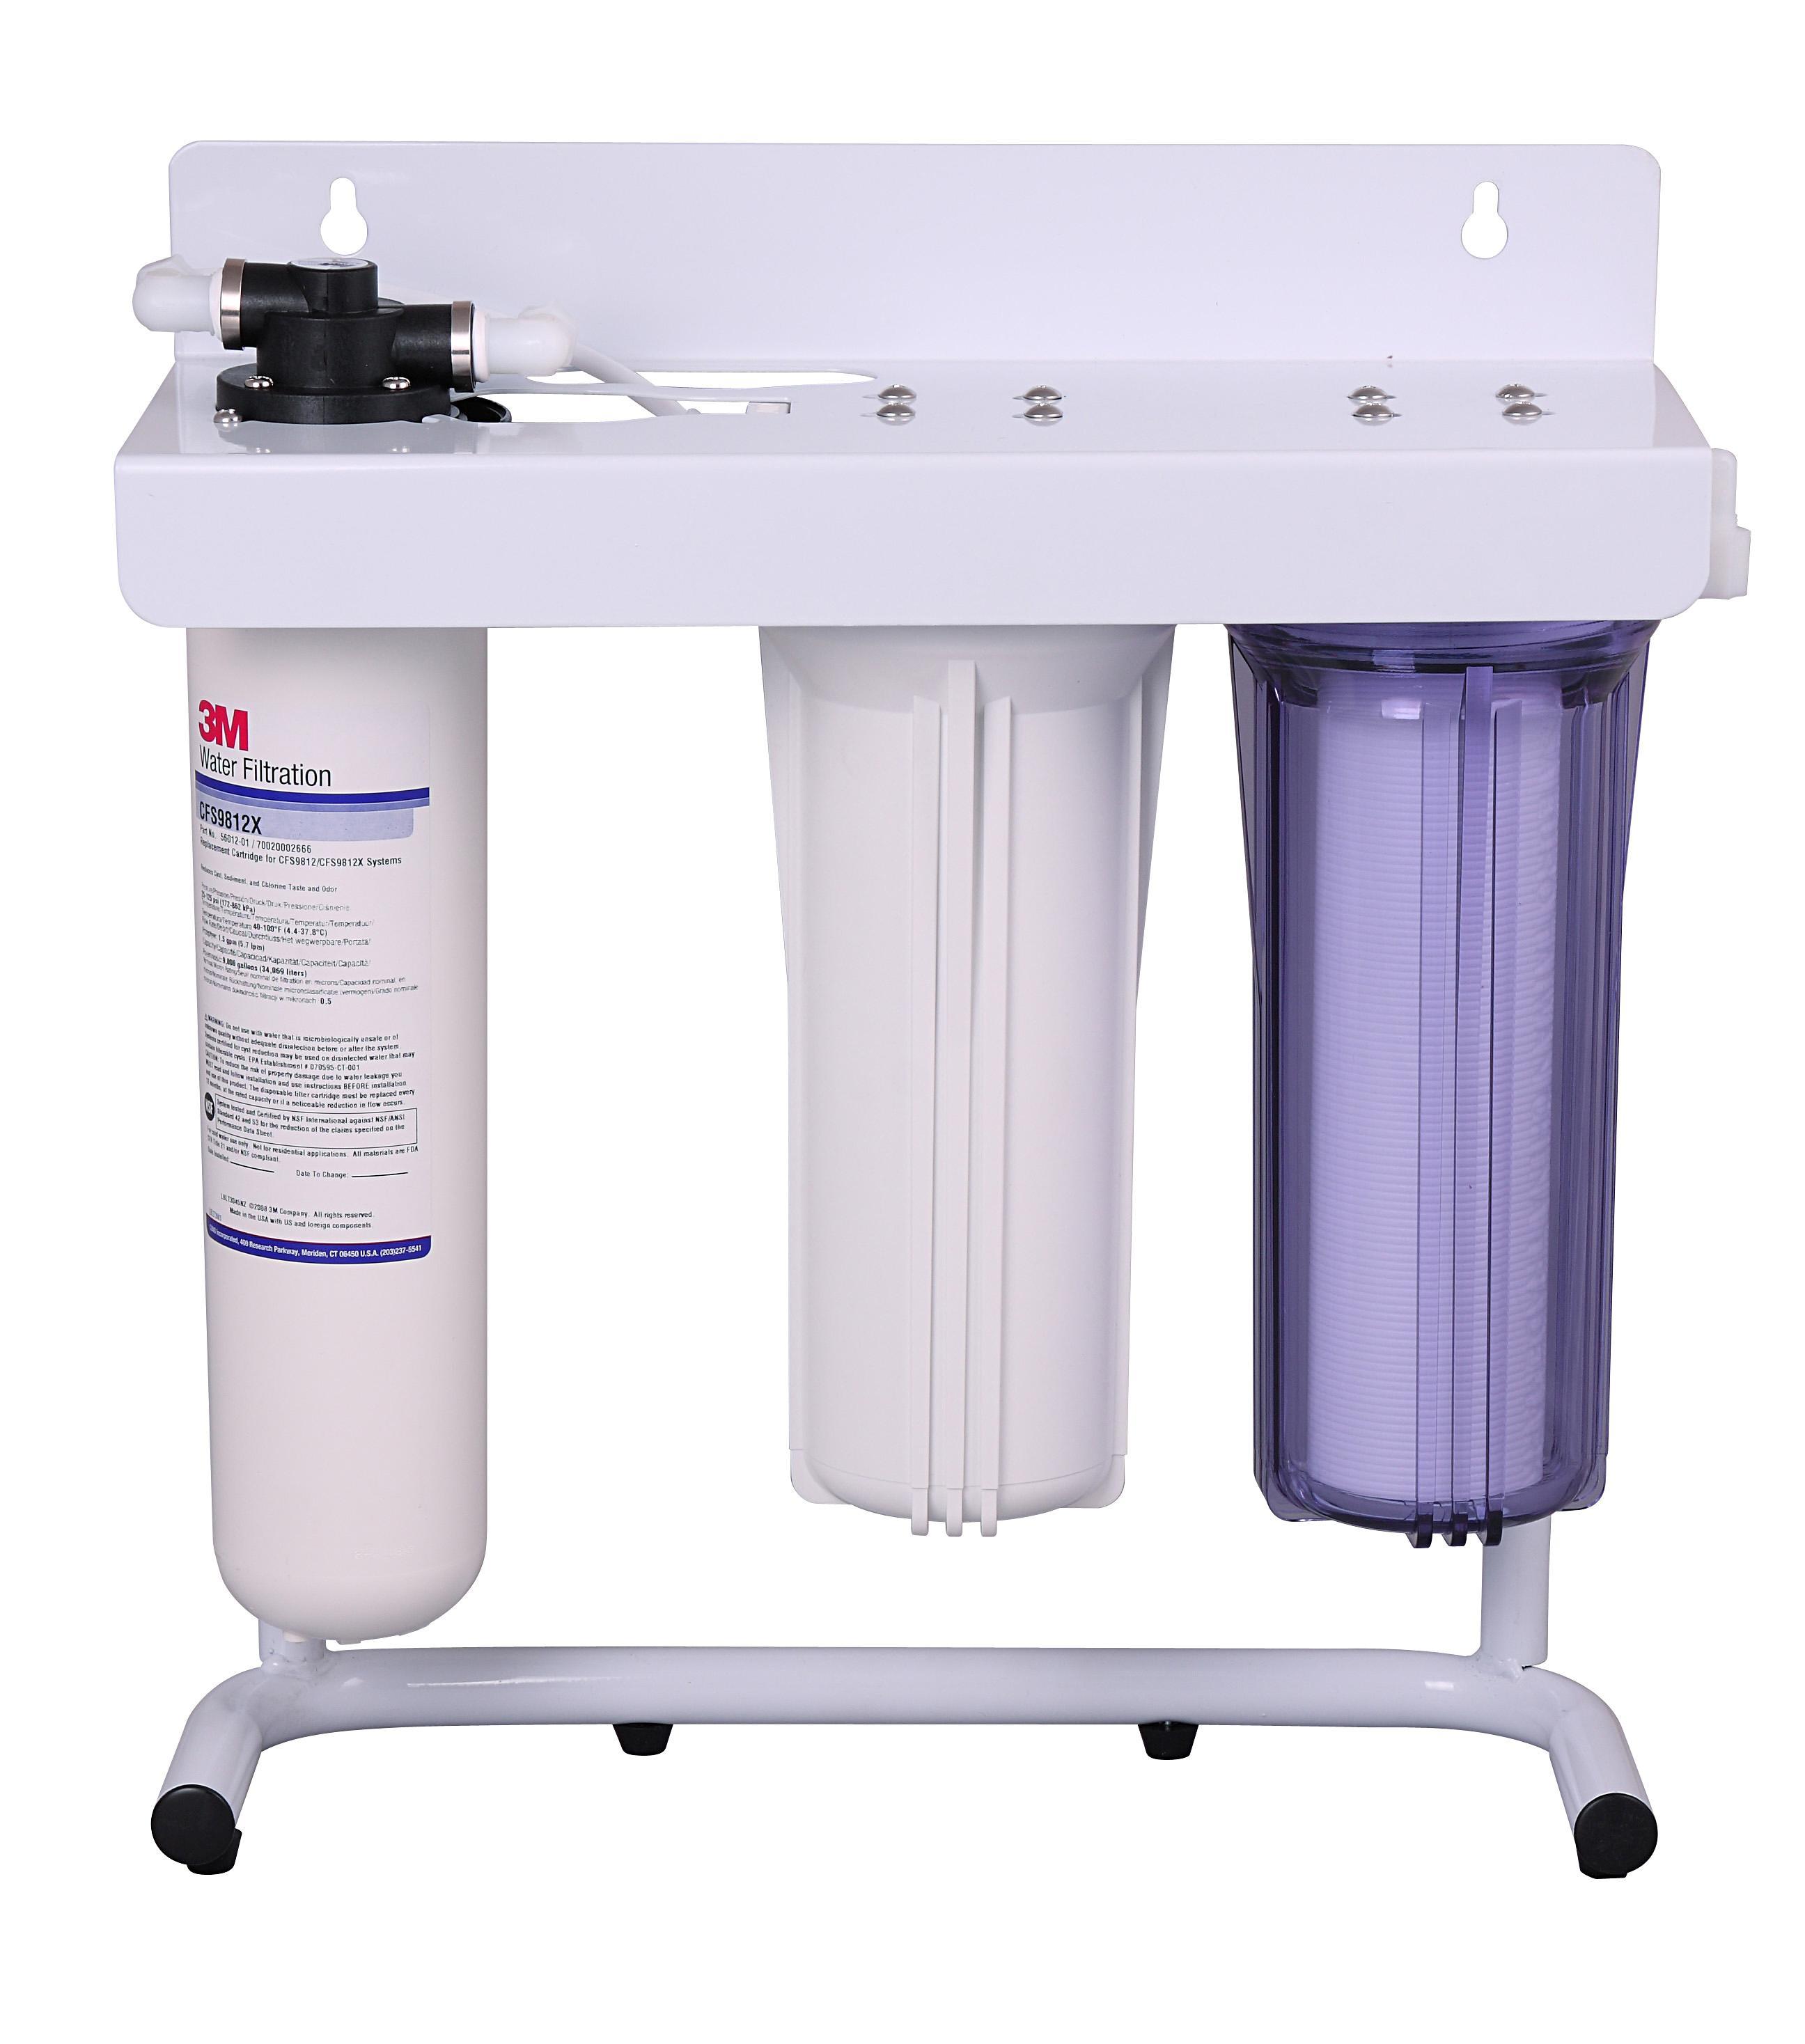 净水方法_3m净水器CFS8812X-S如何换滤芯视频-